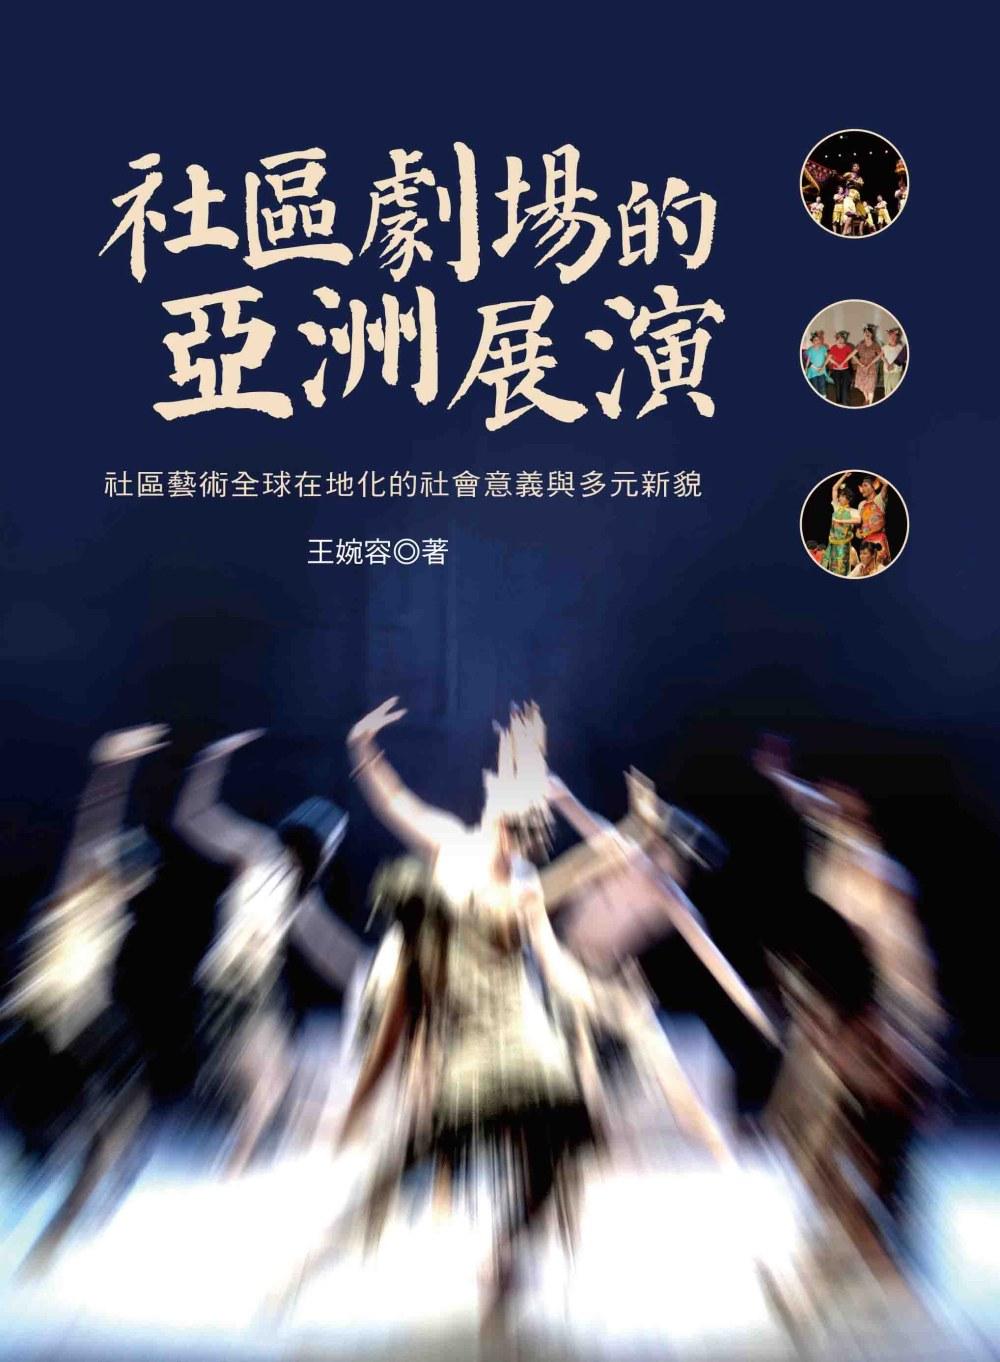 社區劇場的亞洲展演:社區藝術全球在地化的社會意義與多元新貌